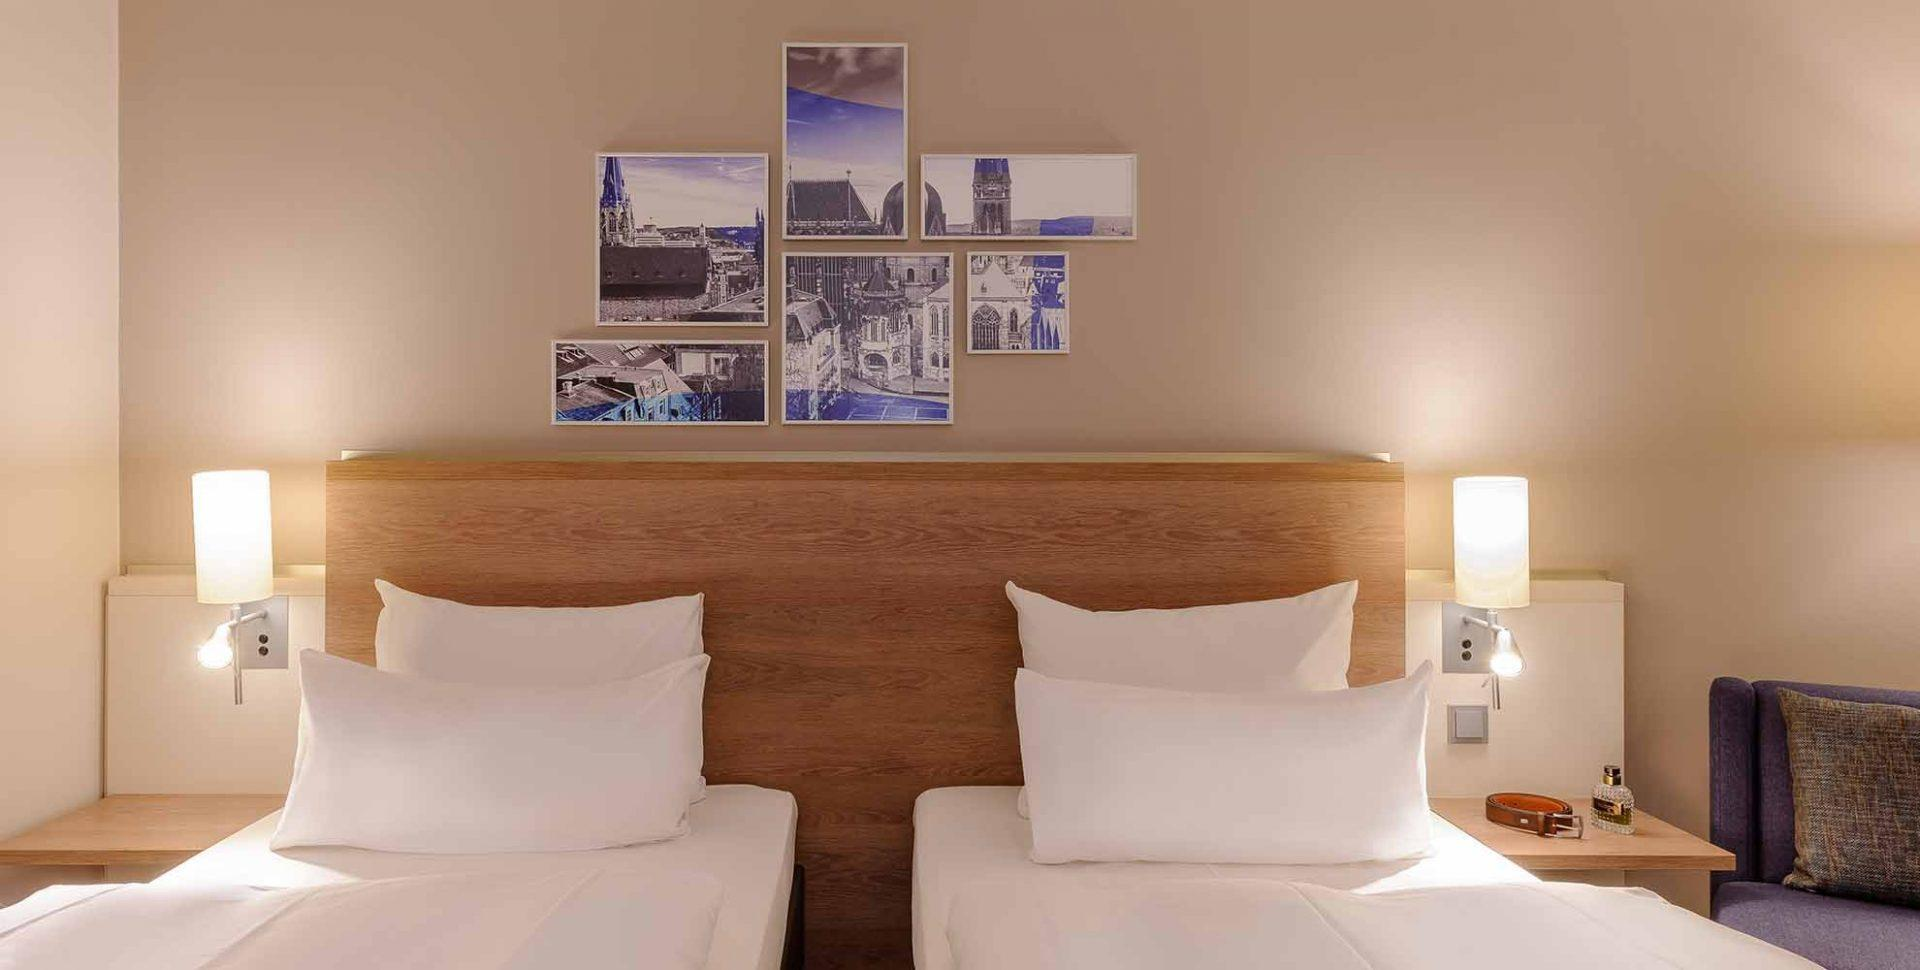 Mercure Hotel Aachen Europaplatz Restaurant